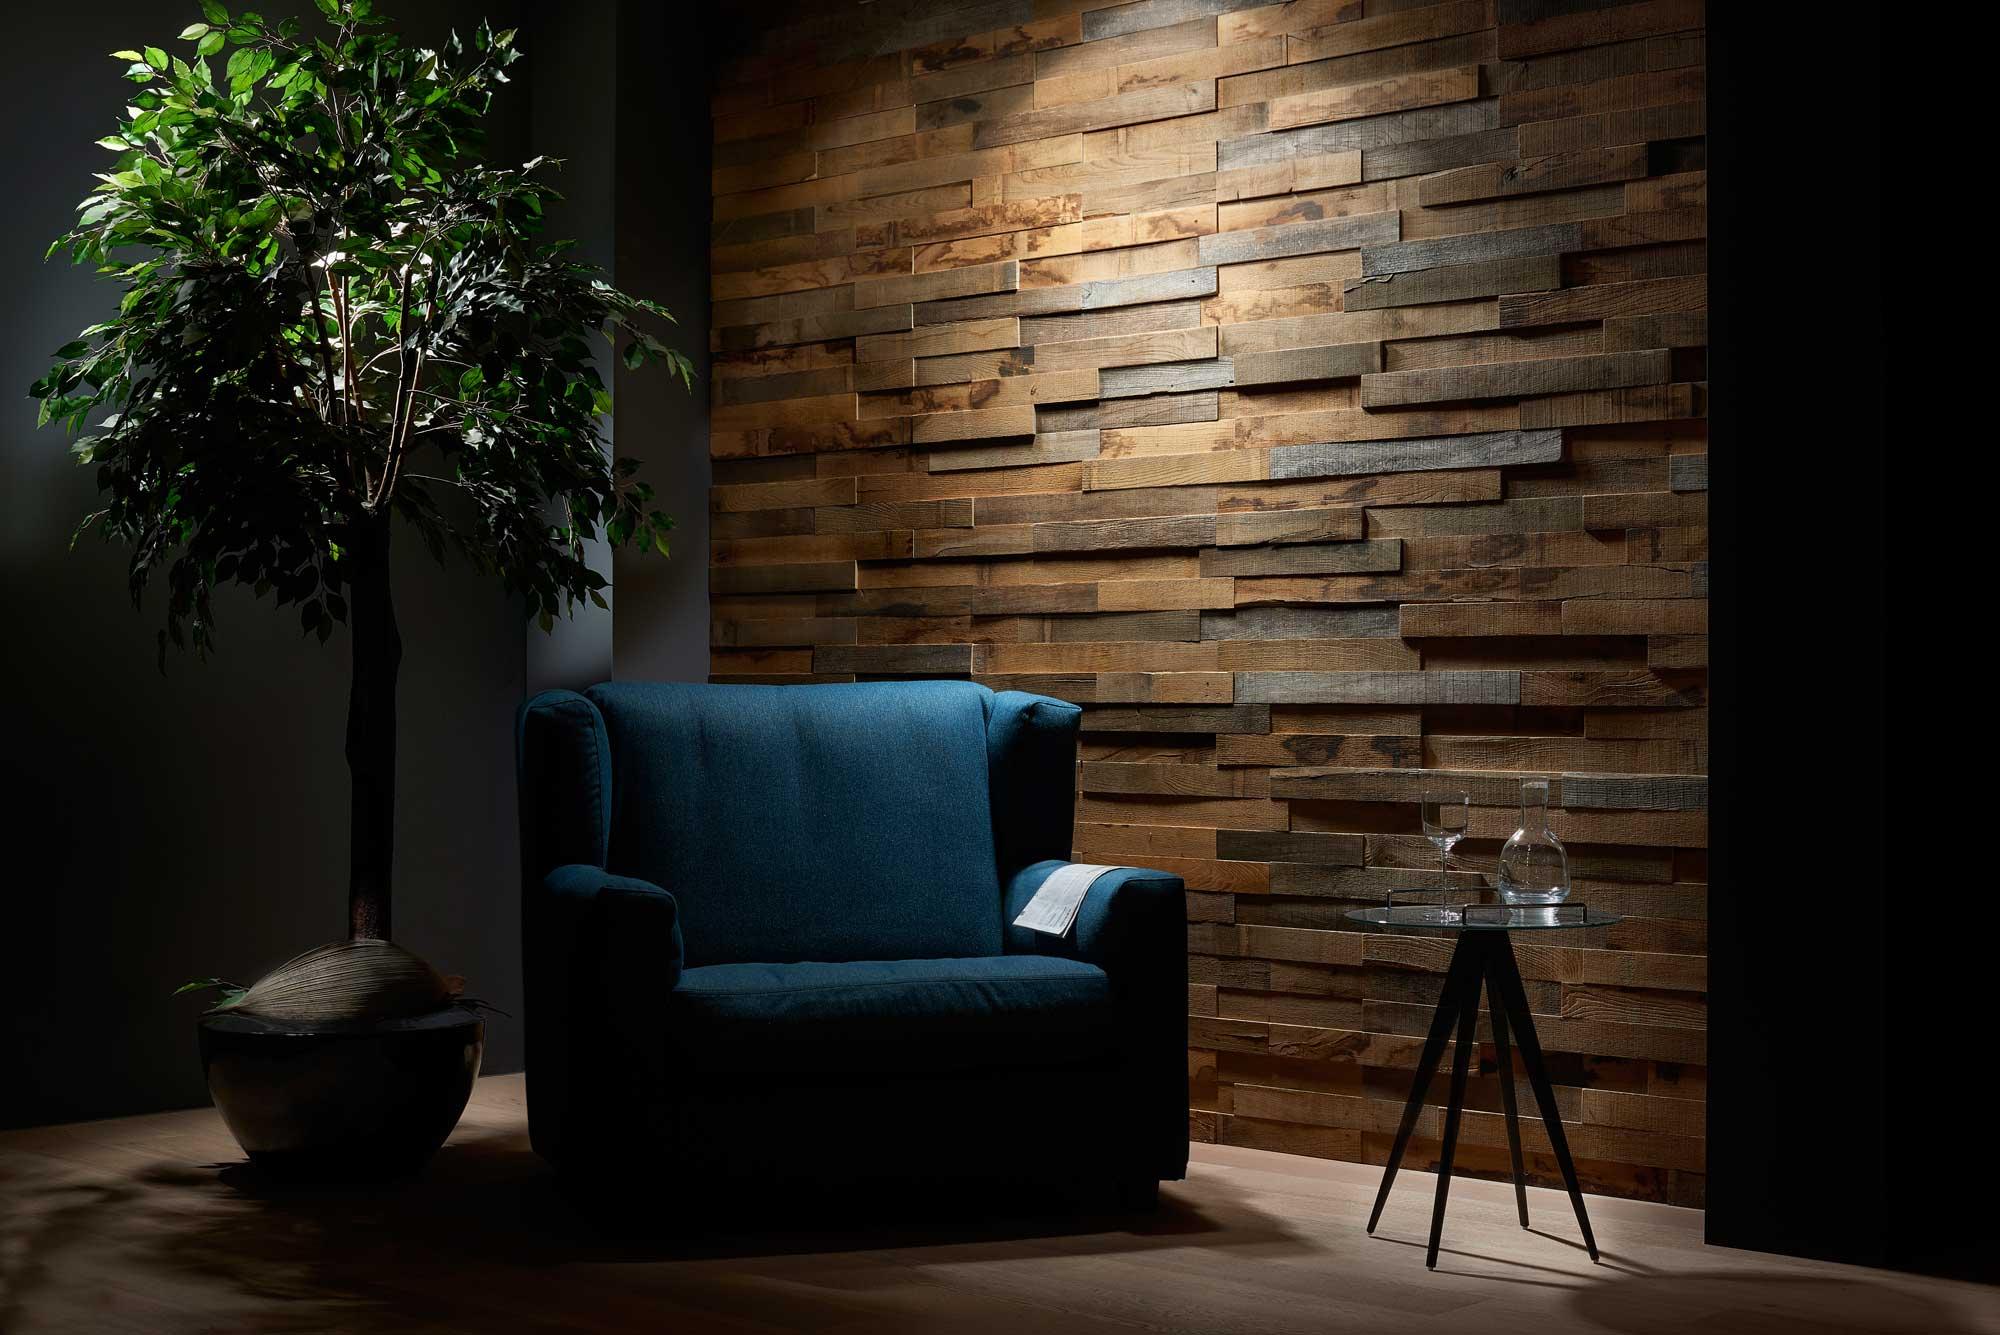 projekt fries k chen region frankfurt am main grosswallstadt material id. Black Bedroom Furniture Sets. Home Design Ideas